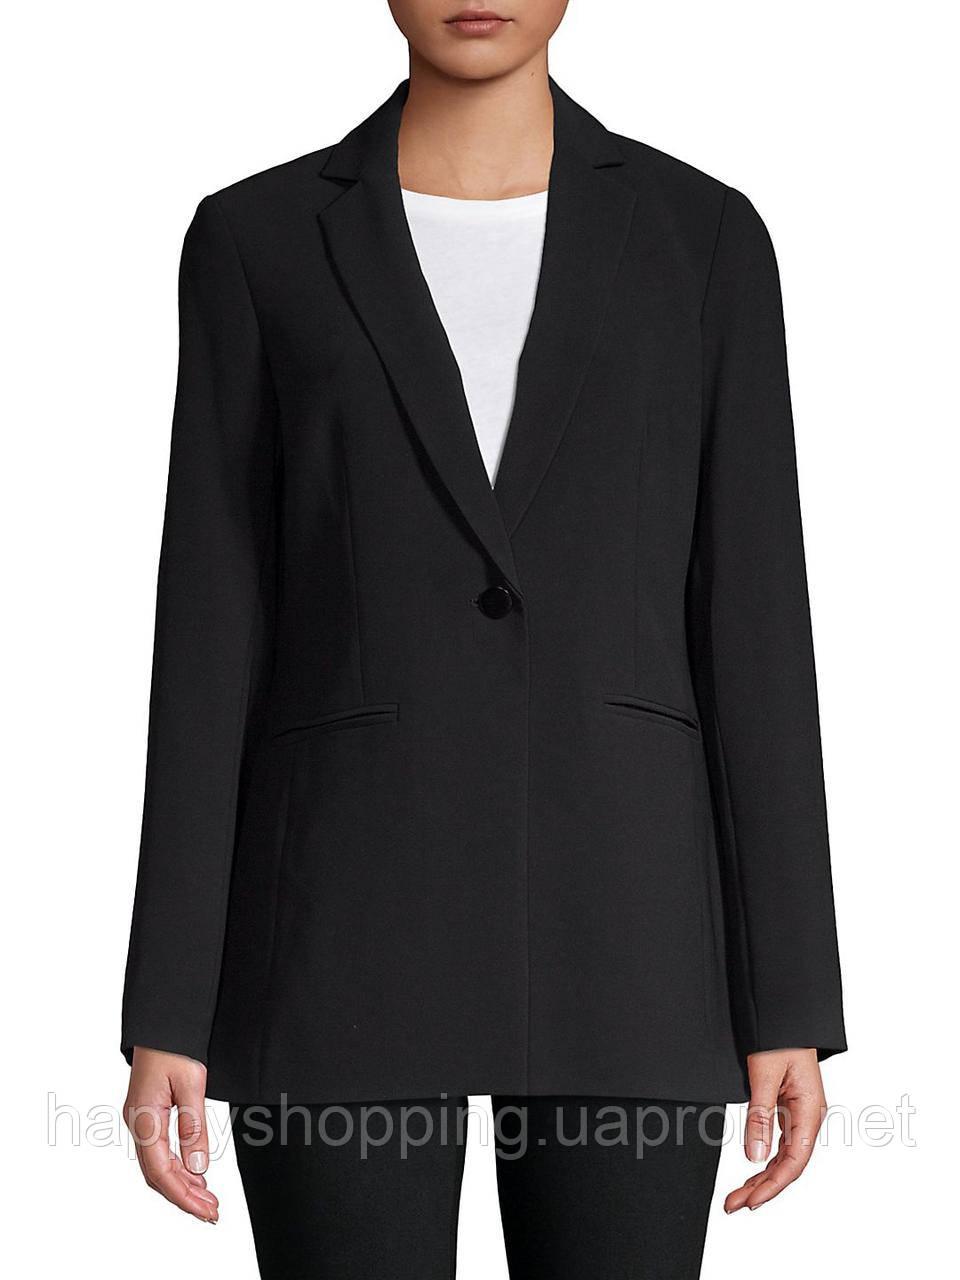 Женский черный удлиненный пиджак Karl Lagerfeld